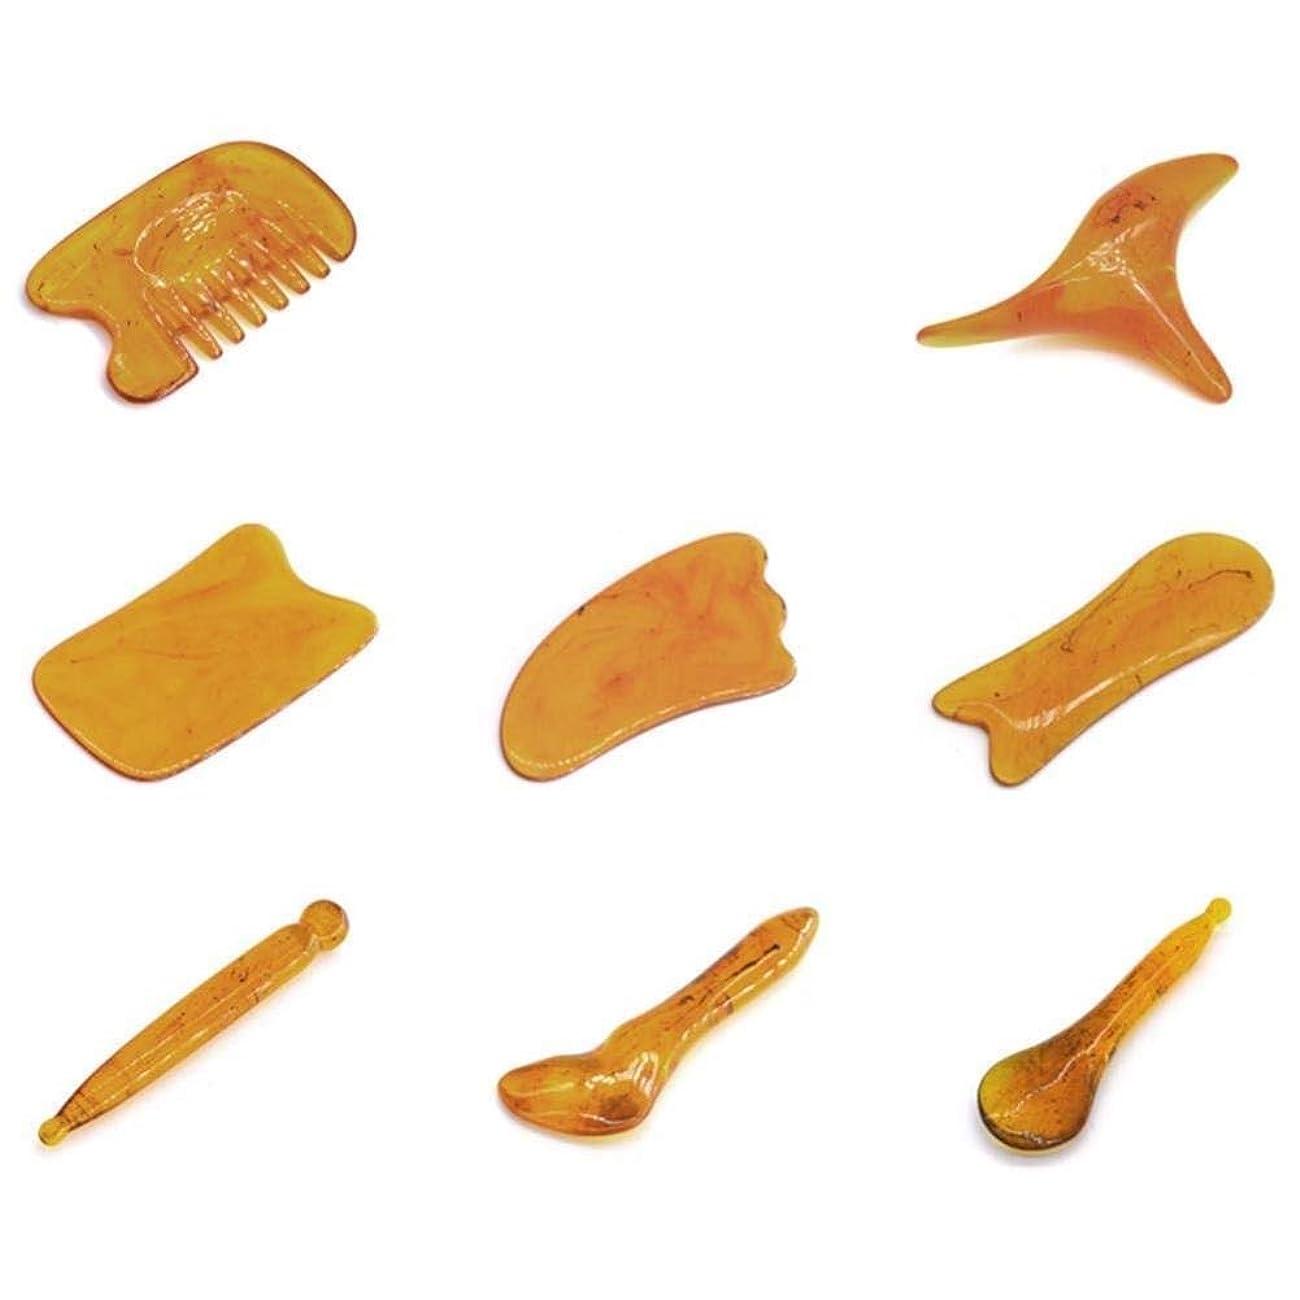 バケット前提条件警官Gua Shaのこするマッサージ用具のハンドメイドのヒスイGuasha板、用具SPAの刺鍼術療法の表面腕のフィートの小さい三角形の形の引き金のポイント処置